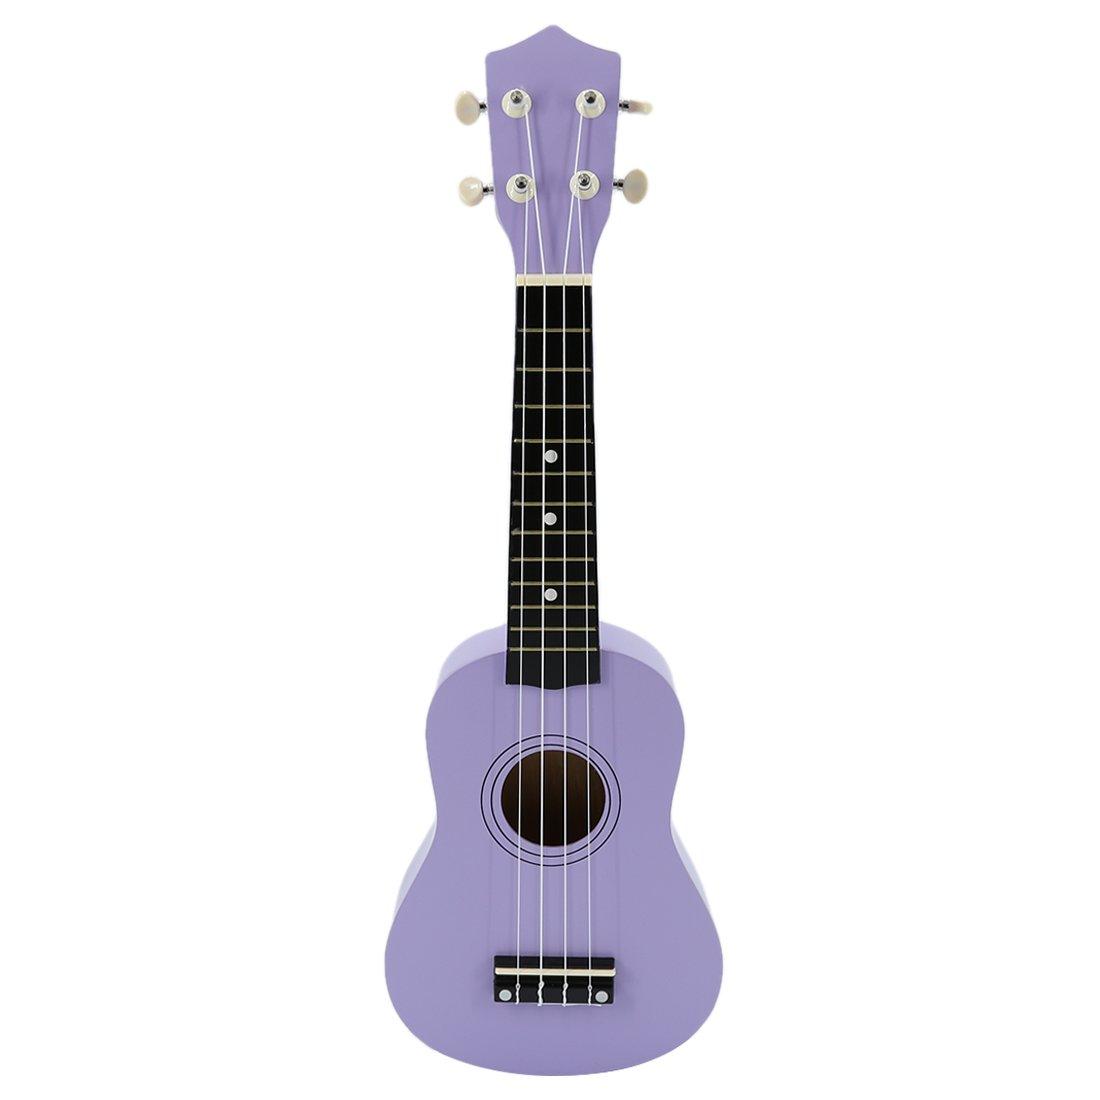 ウクレレ、子供子供用ギターsopraro木製ウクレレ大人hmane 21インチEnvironmental beginnerb - - - - - - - 20.87*6.89Inch パープル 65O48NYK3L67J7H0Y1211WBAW 20.87*6.89Inch パープル B07B7J8R3Z